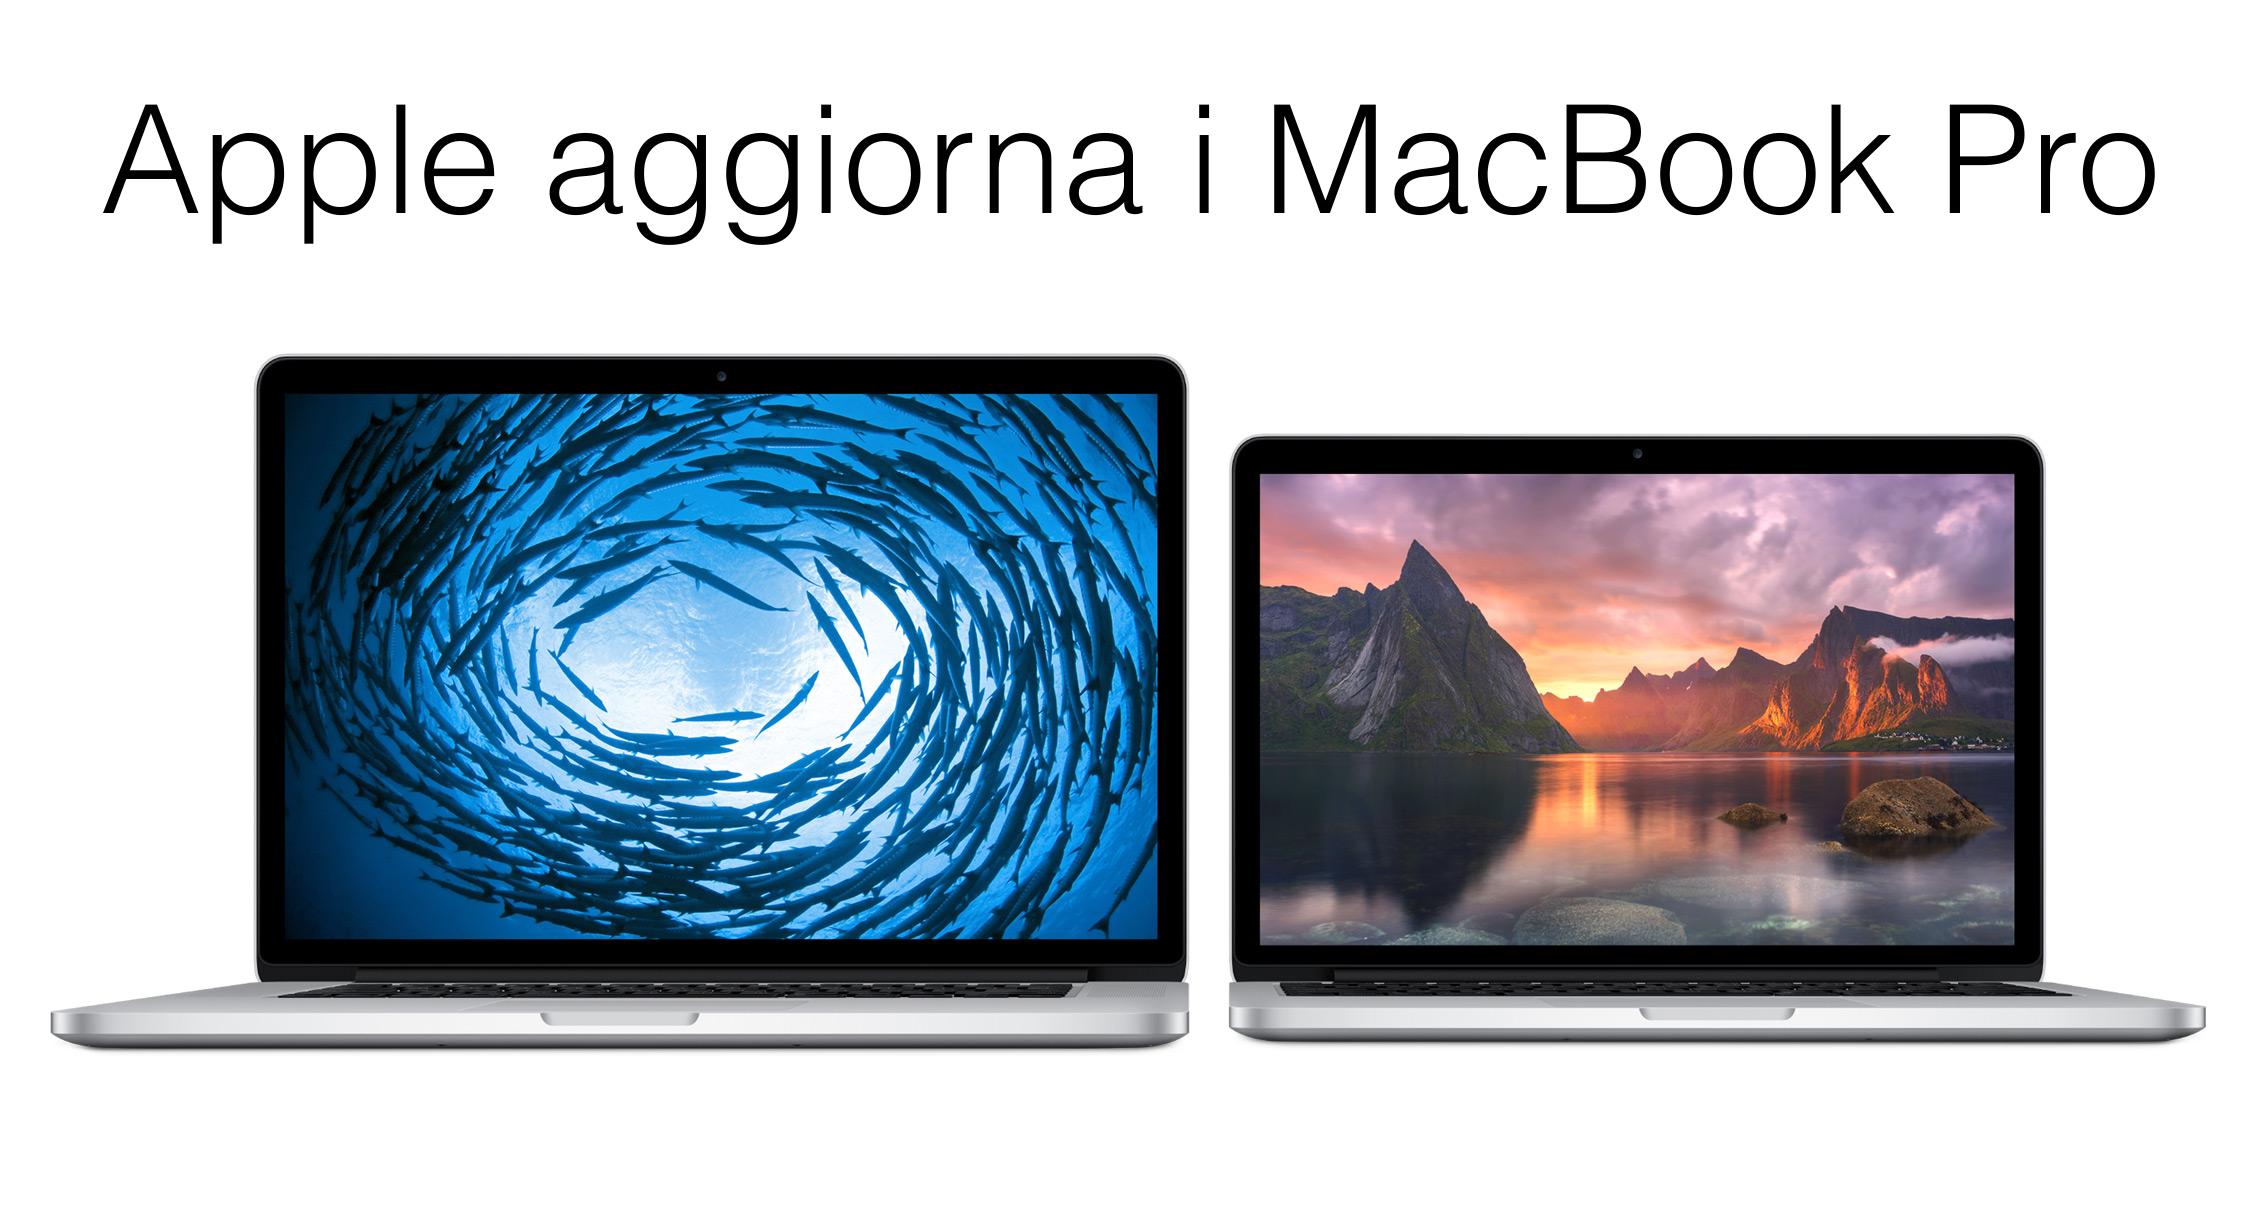 MacBook aggiornati